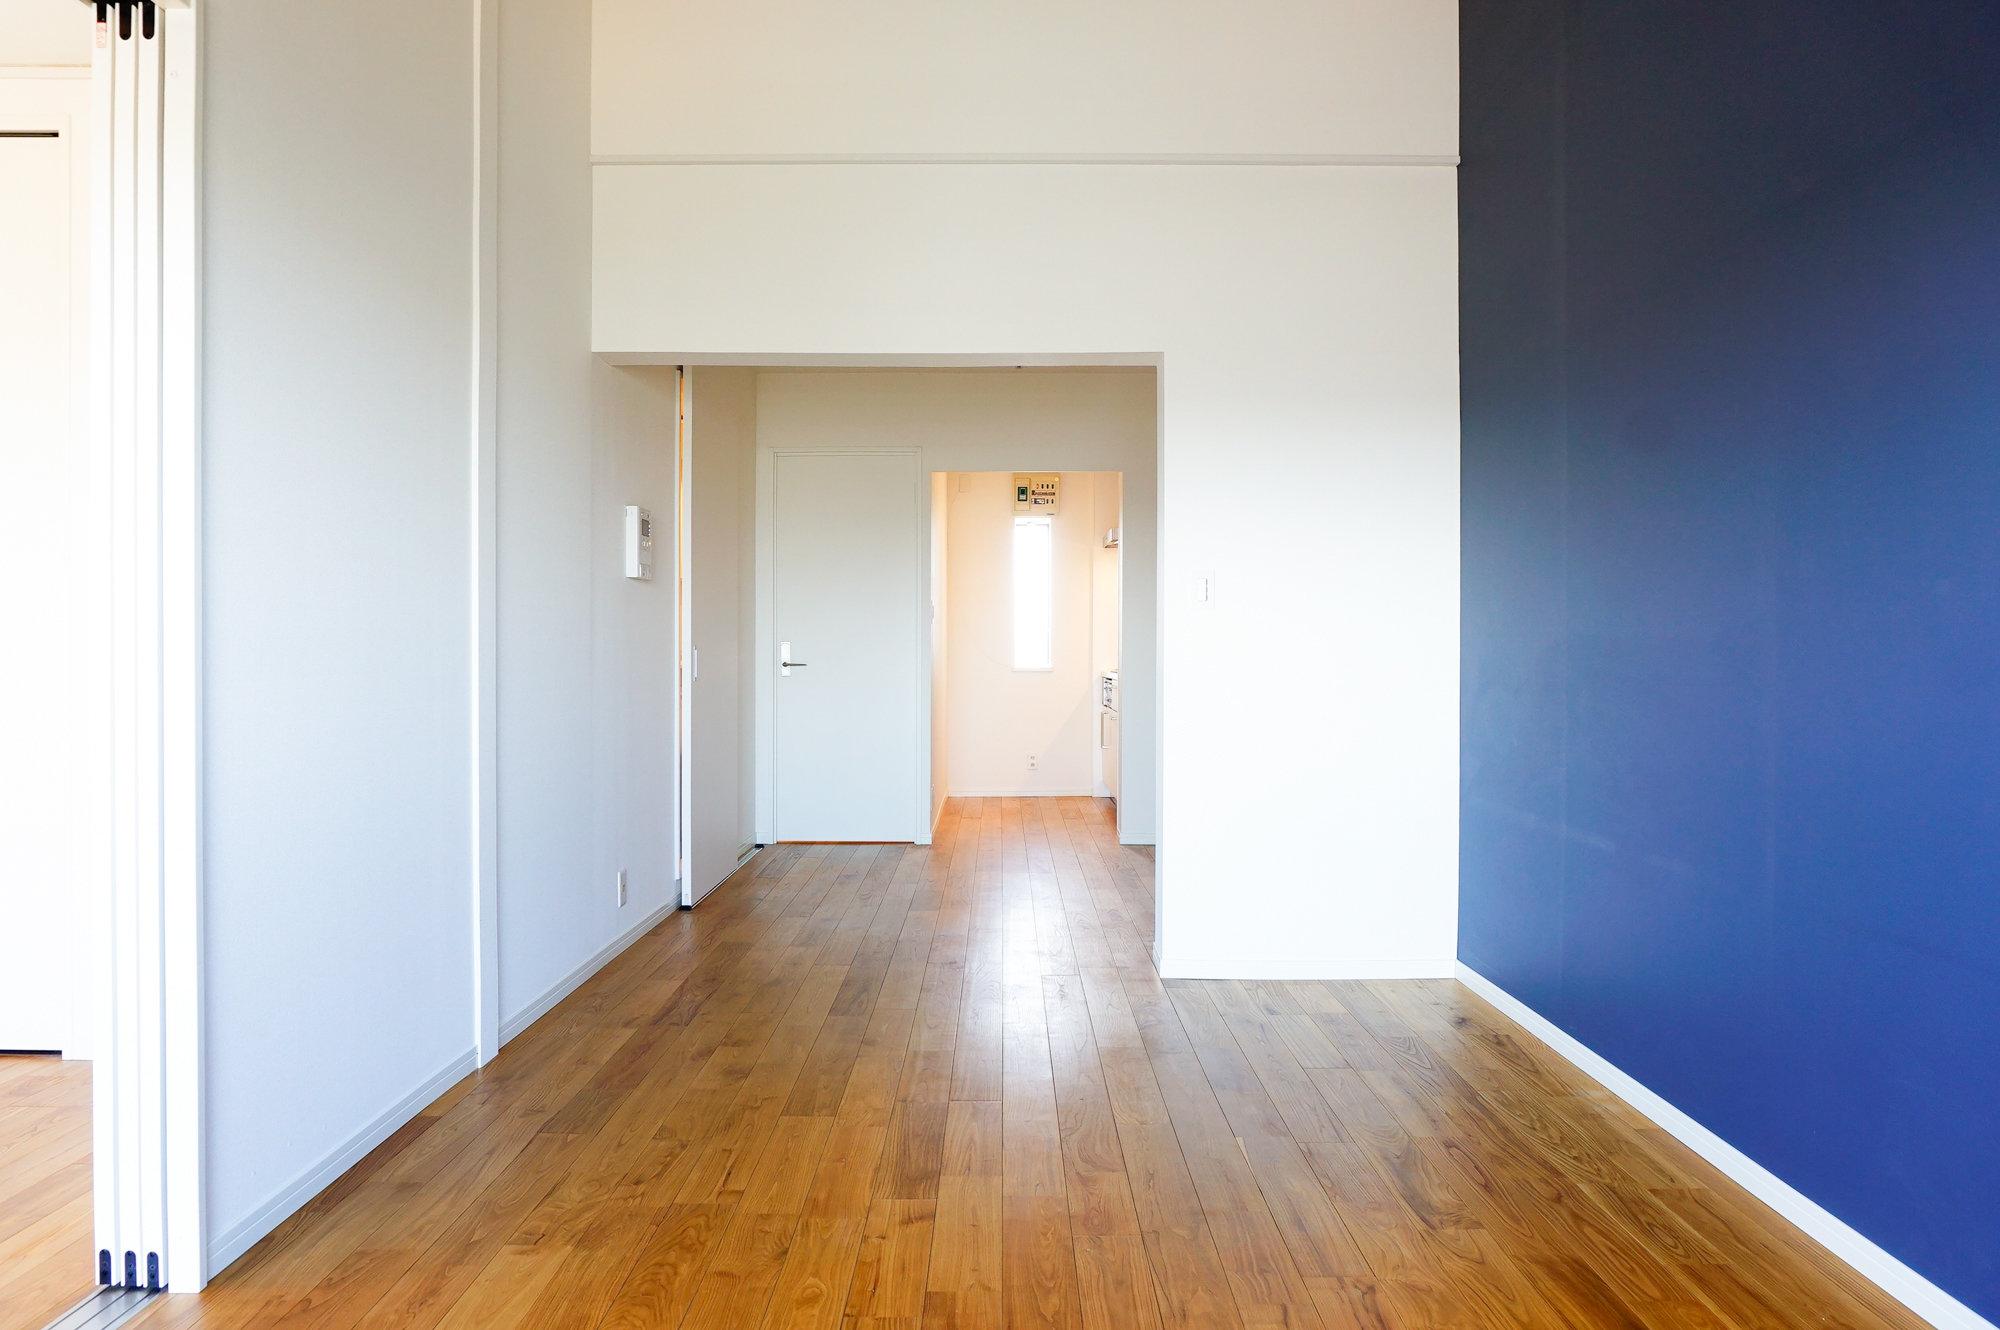 こちらのお部屋はTOMOSのお部屋。TOMOSとは、goodroomのオリジナルリノベーション。こだわりがたっぷり詰まっています。中でもおすすめしたいのが、ヤマグリを使用した無垢材の床です。触り心地もとってもいいんです。お部屋全体に使用しています。